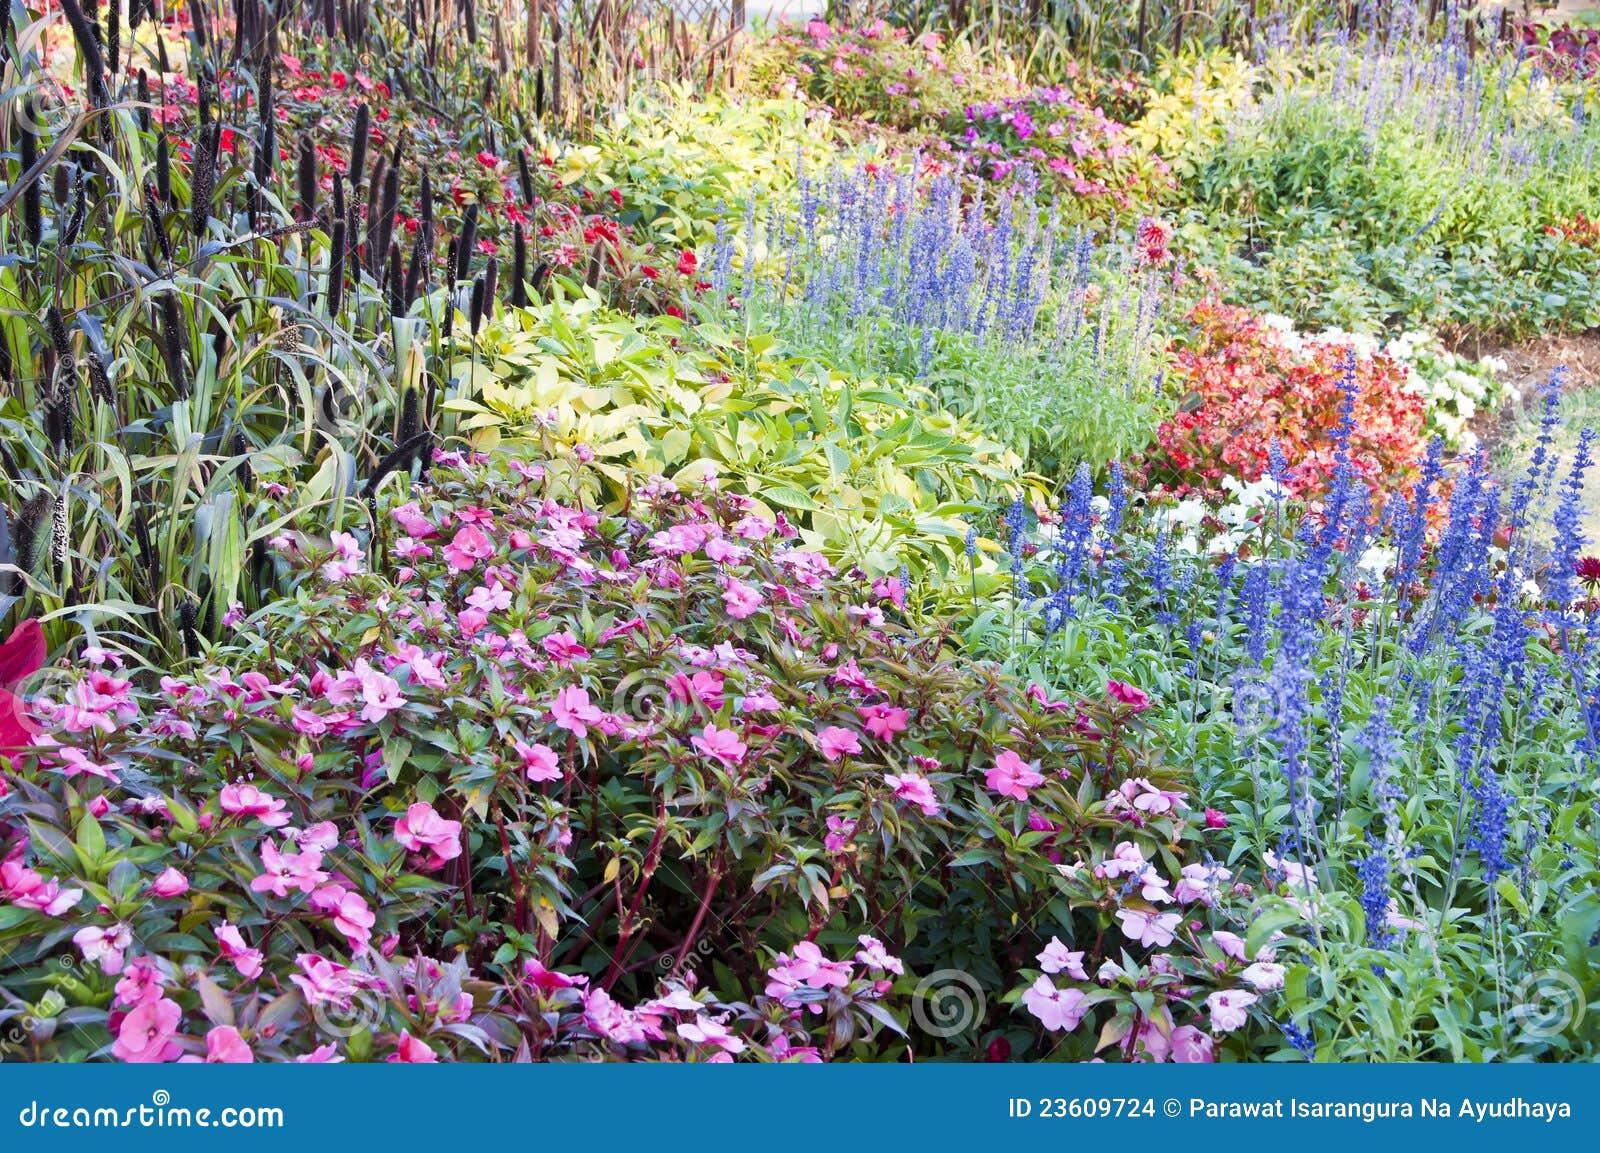 Bloem En Tuin : Kleurrijke bloementuin. stock foto. afbeelding bestaande uit ontwerp